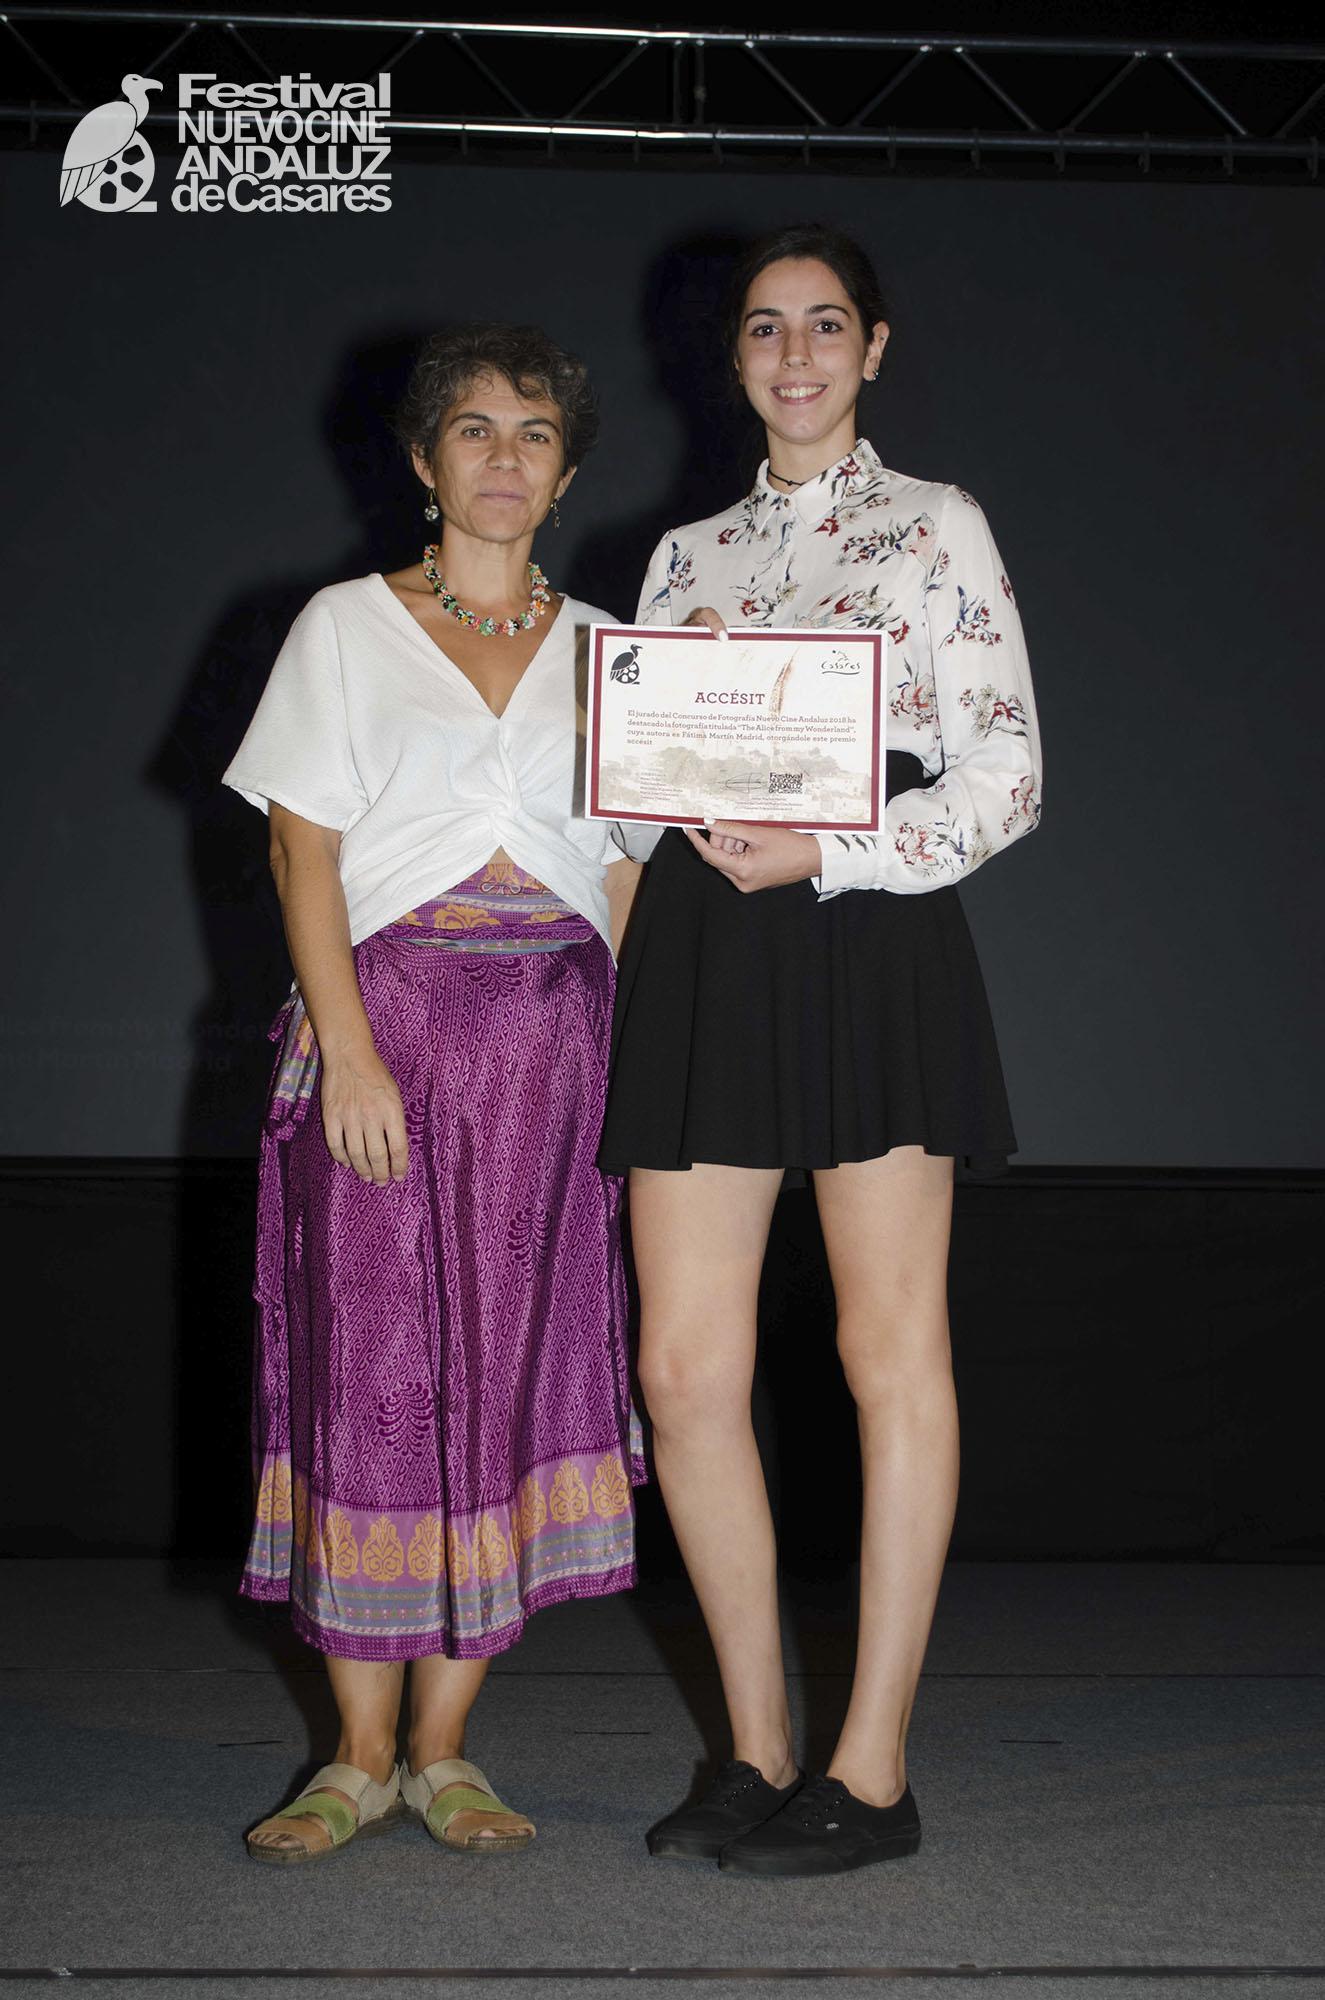 María José Villanueva entrega el accésit de fotografía a Fátima Martín